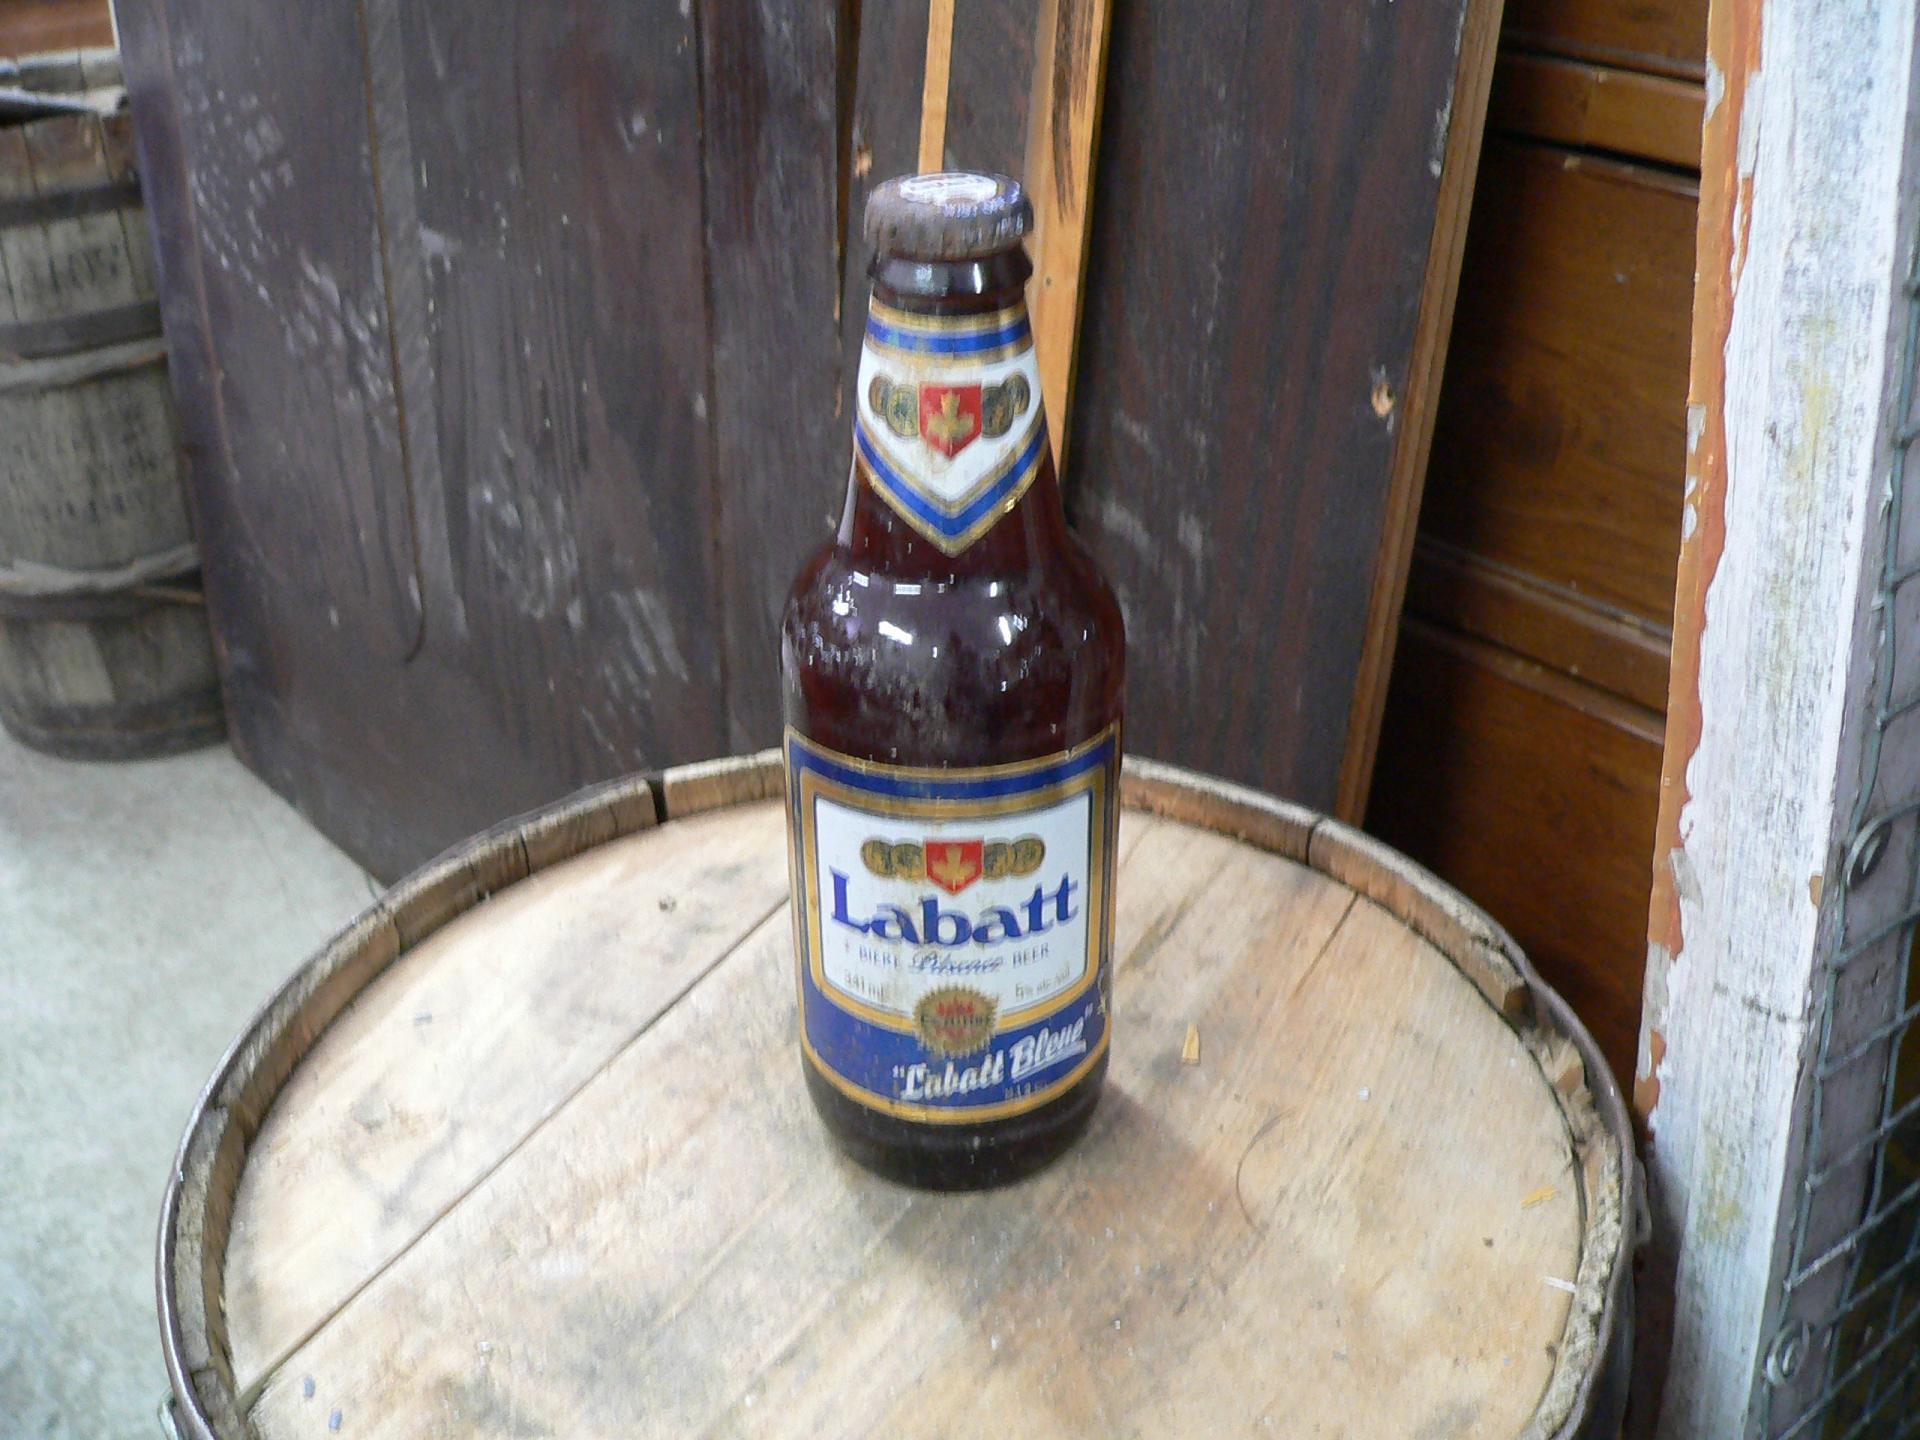 Bouteille biere labatt bleu # 4947.3